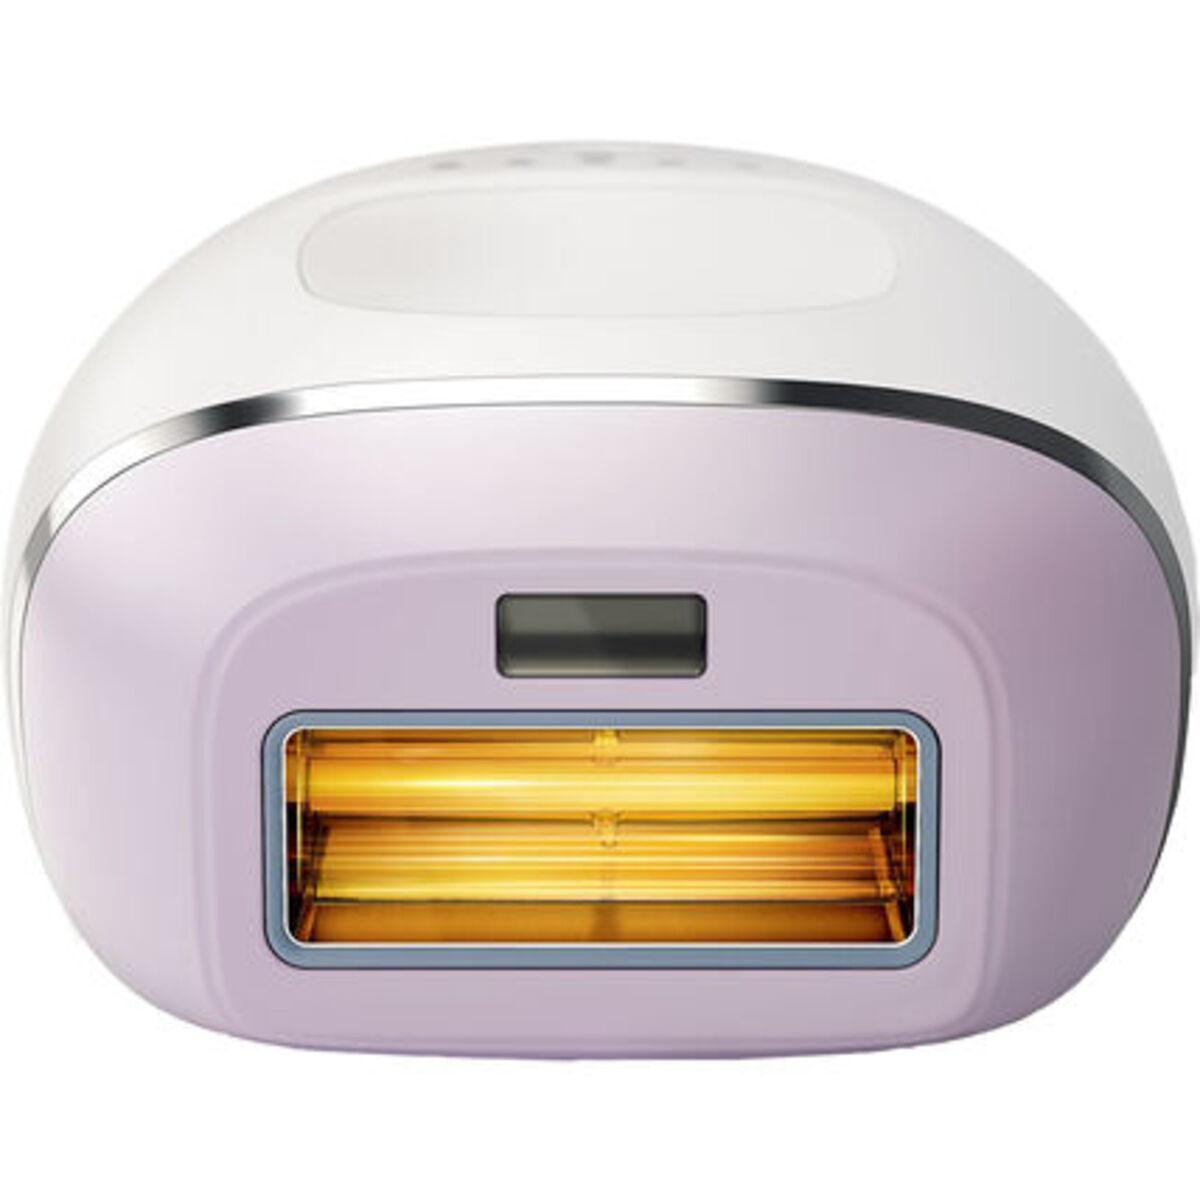 Bild 3 von Philips IPL Haarentfernungssystem BRI 863/00 Lumea Essential + Gesichtreinigungsbürste VisaPure SC5265/12